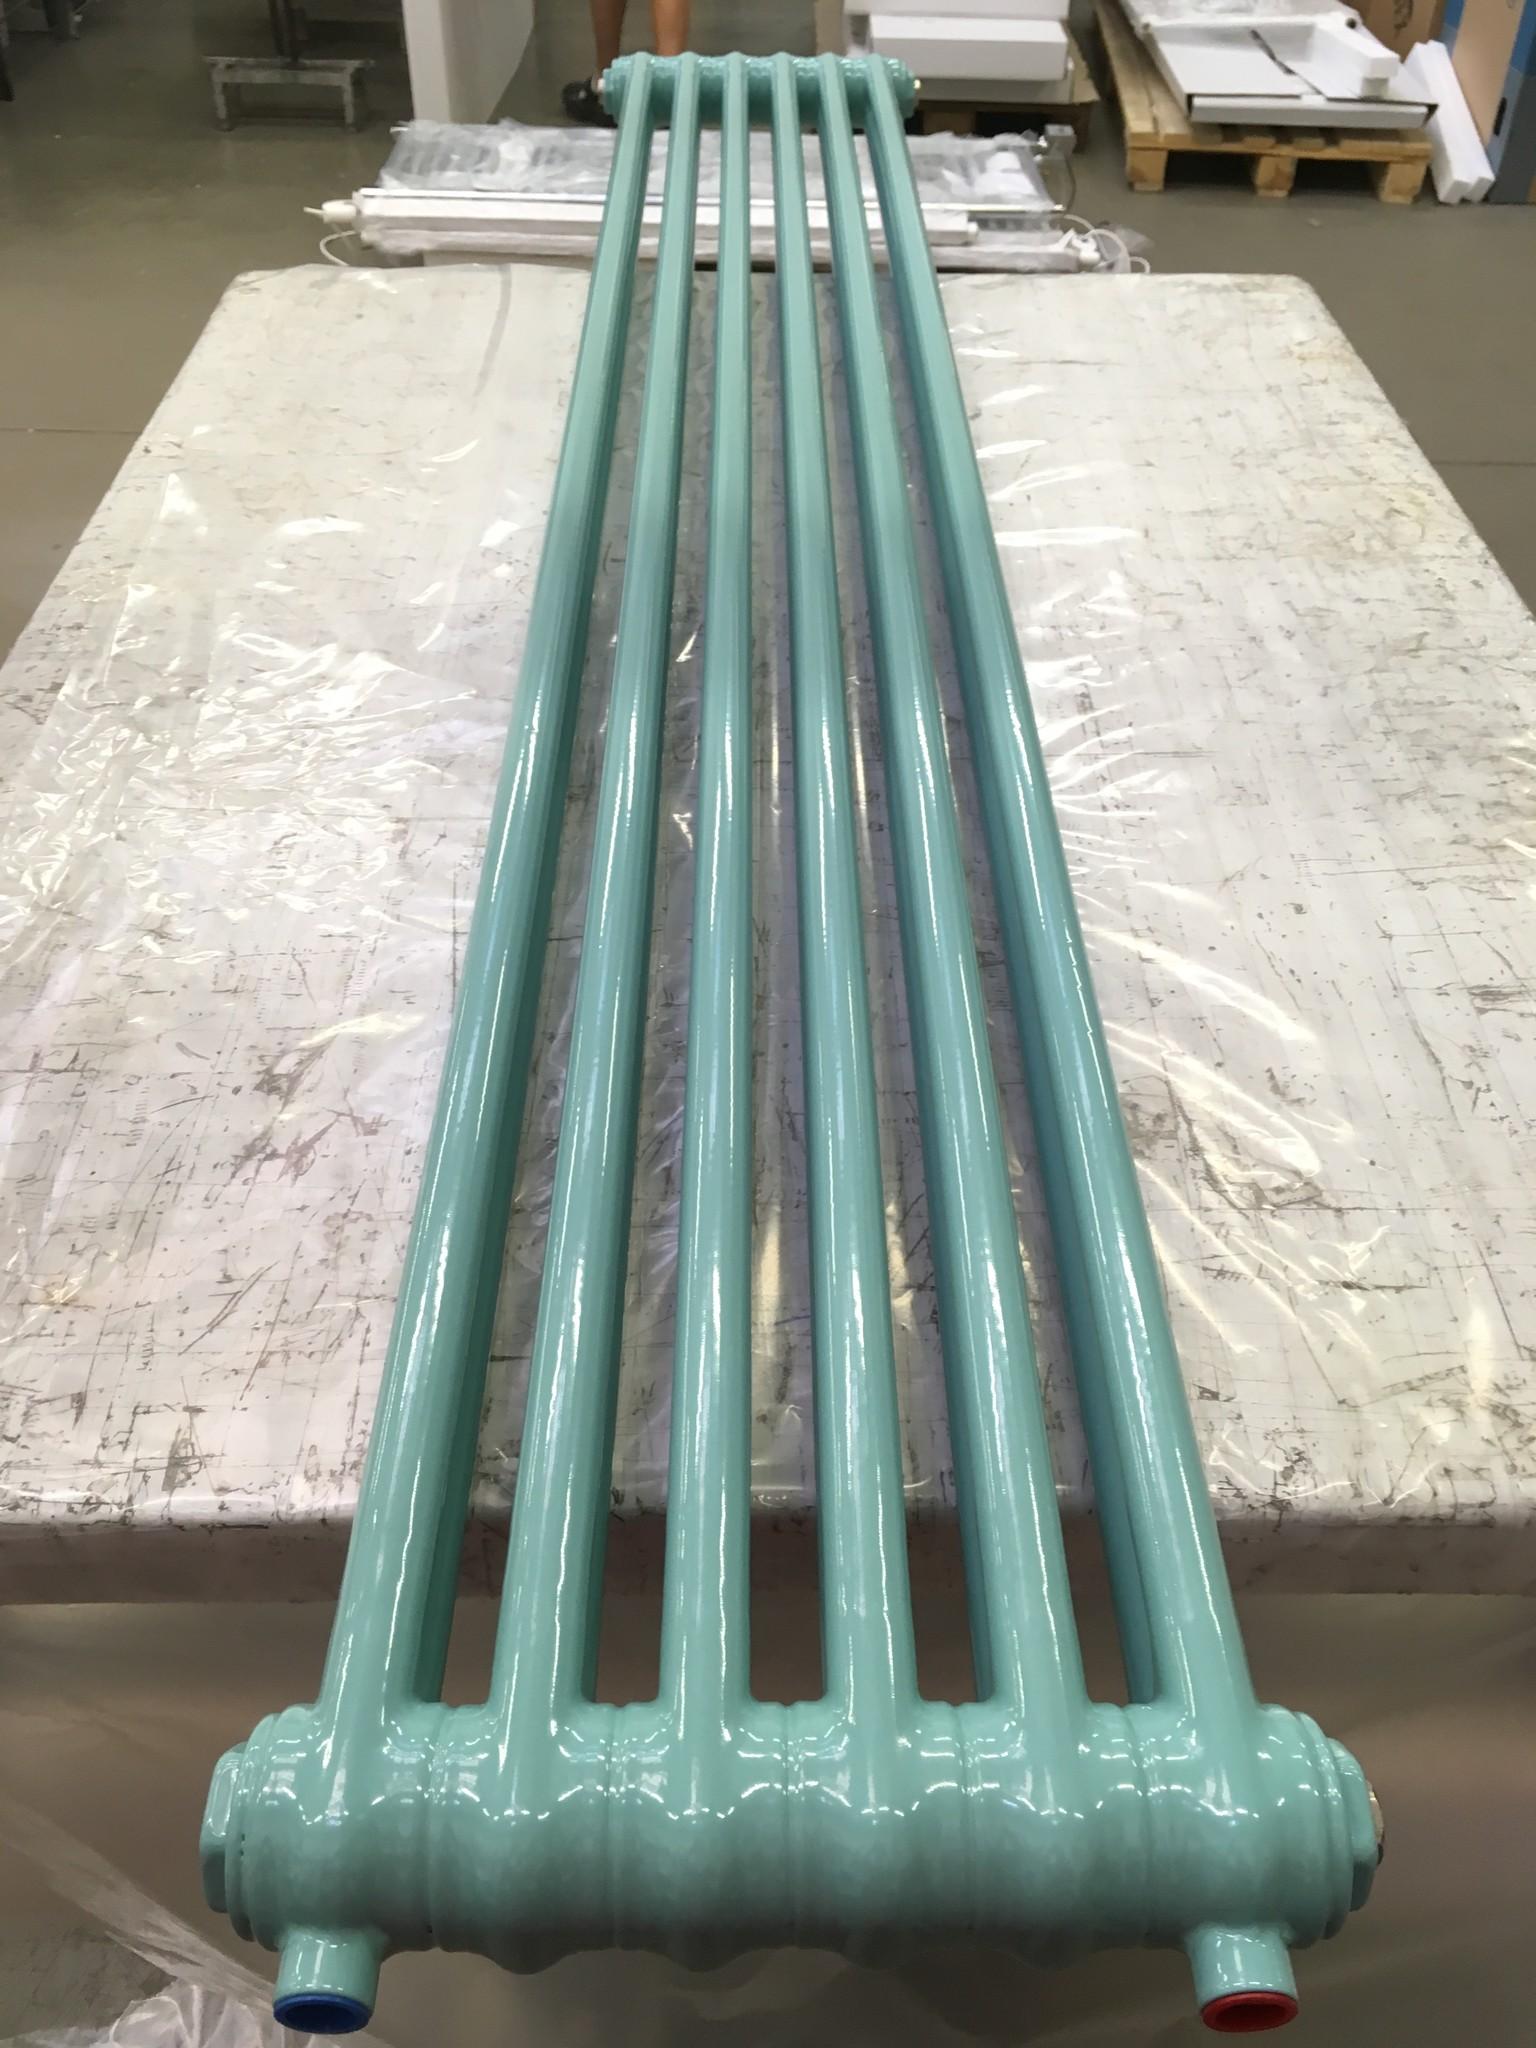 radiateur en couleuir turquoise